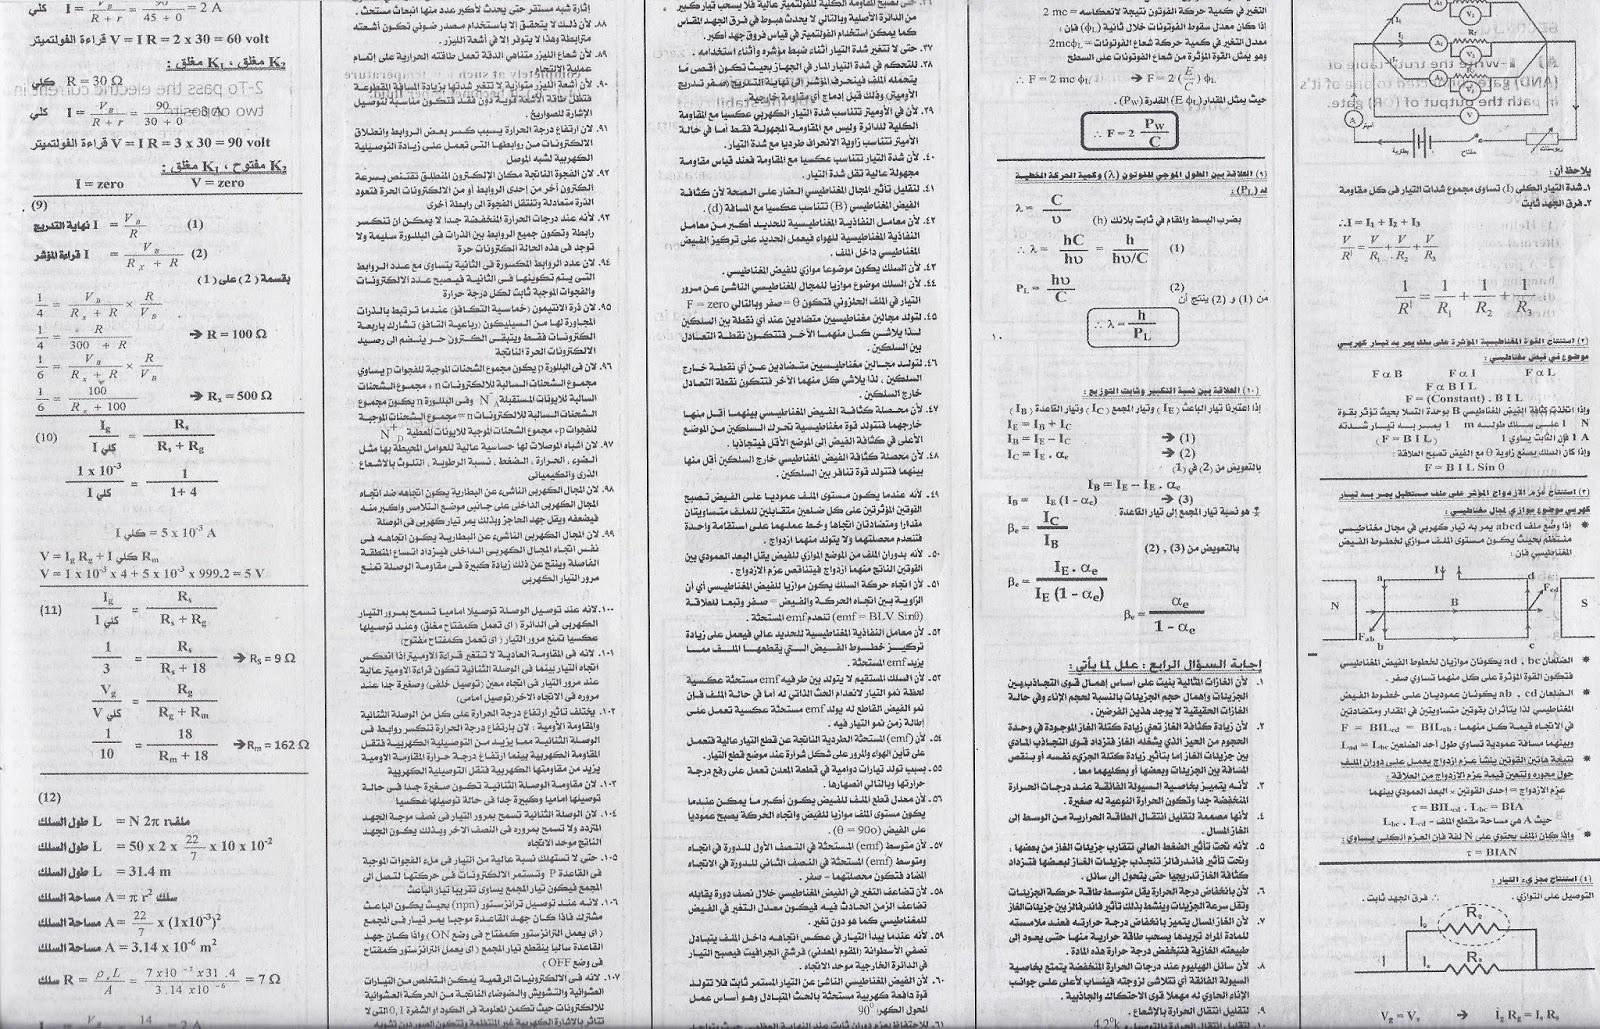 الليلة الثالثة_مراجعة ليلة الامتحان في الفيزياء لثالثة ثانوى_ملحق الجمهورية الجمعة 12 /6/2015 Scan0007